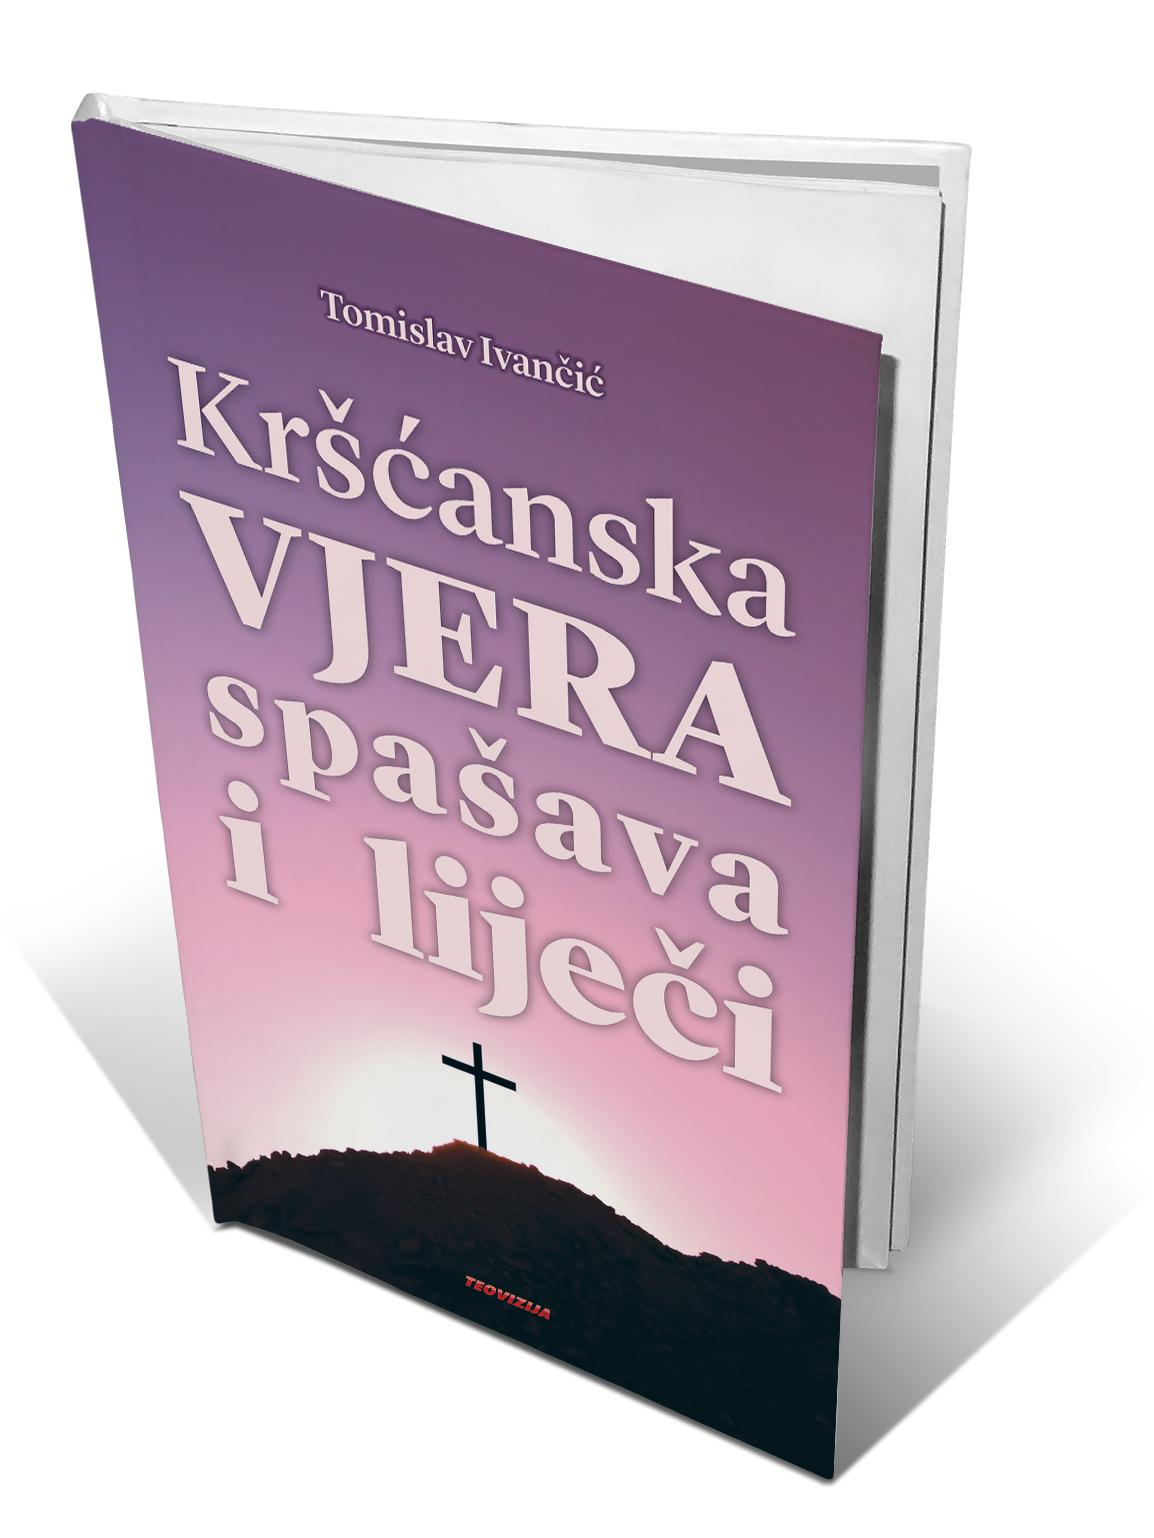 KRŠĆANSKA VJERA SPAŠAVA I LIJEČI - Tomislav Ivančić